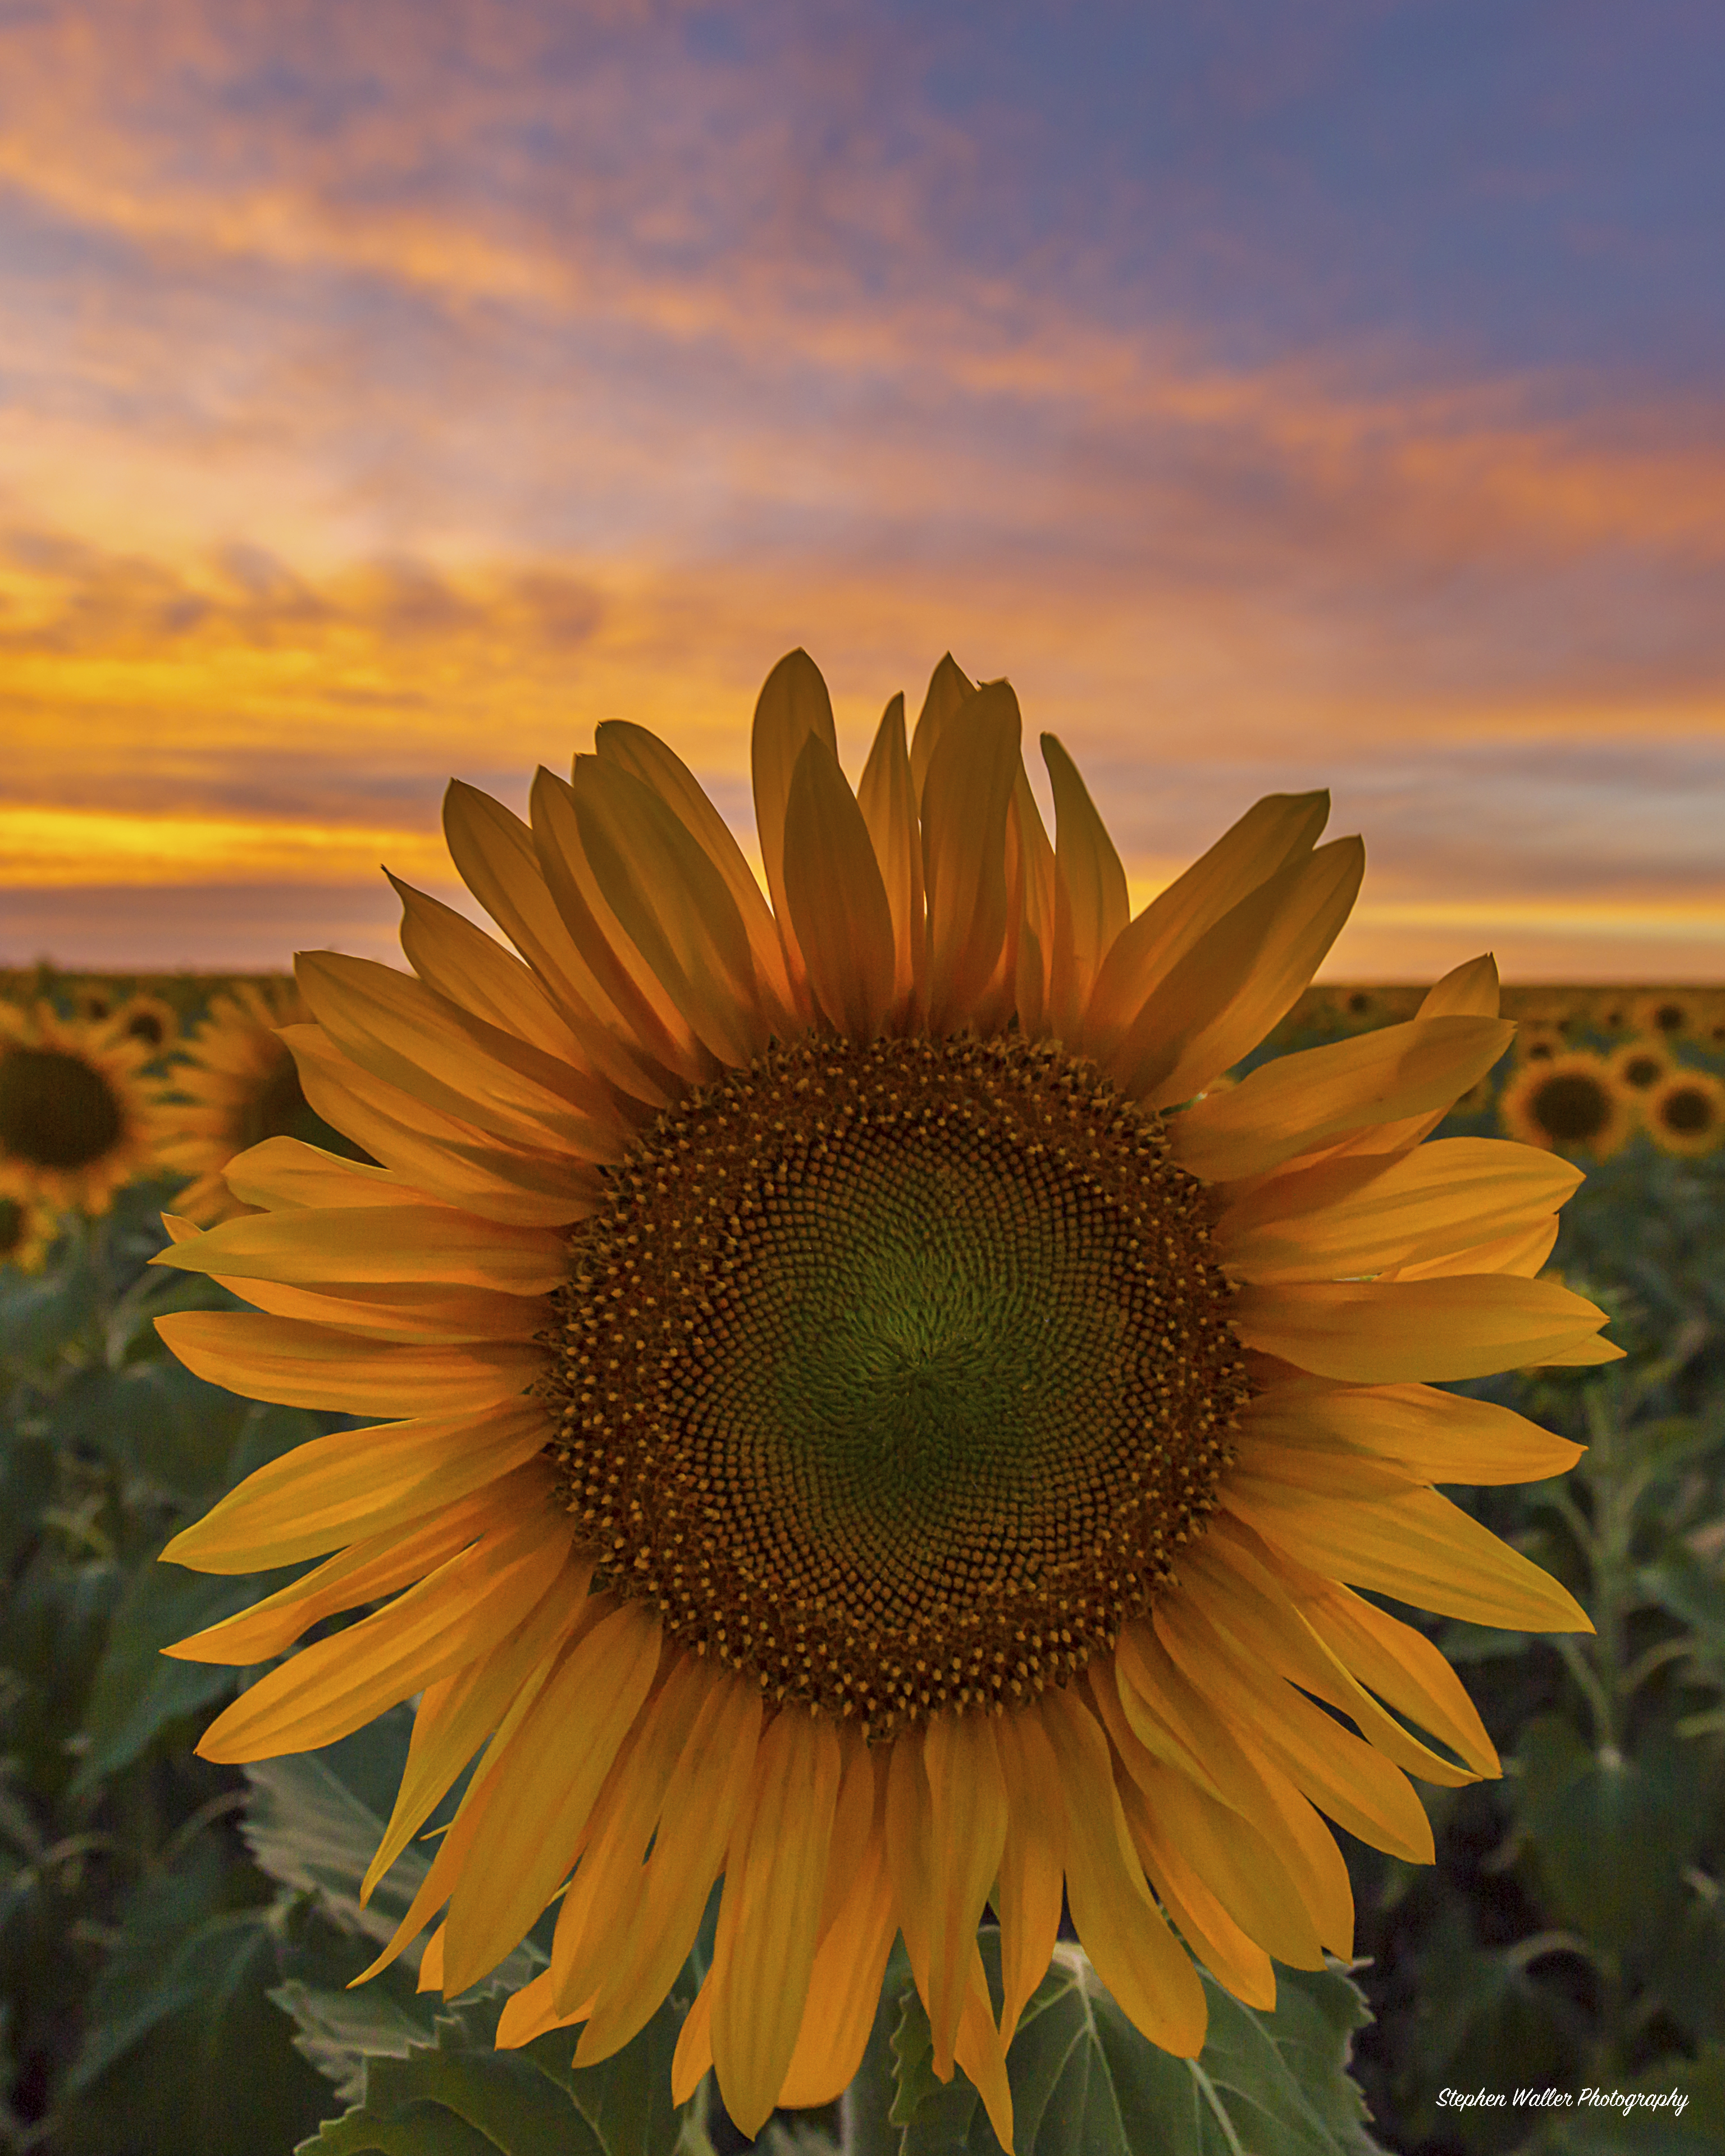 Sunflower Sunset at Nobby 01